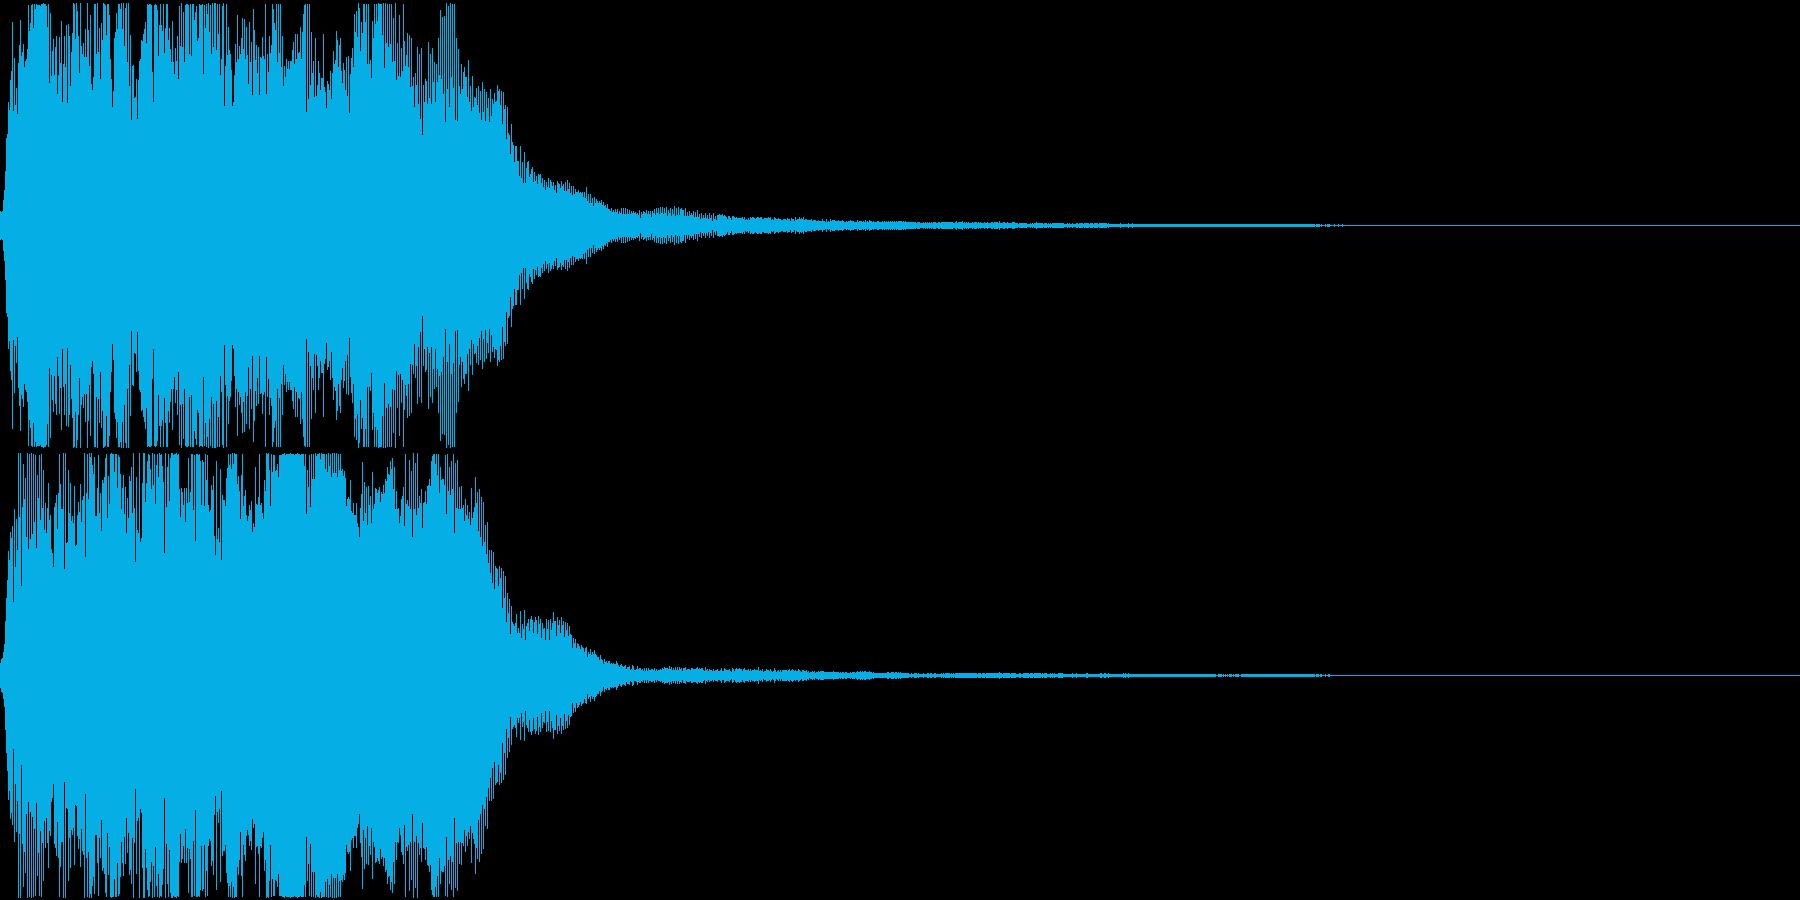 ラッパ ファンファーレ 定番 25の再生済みの波形